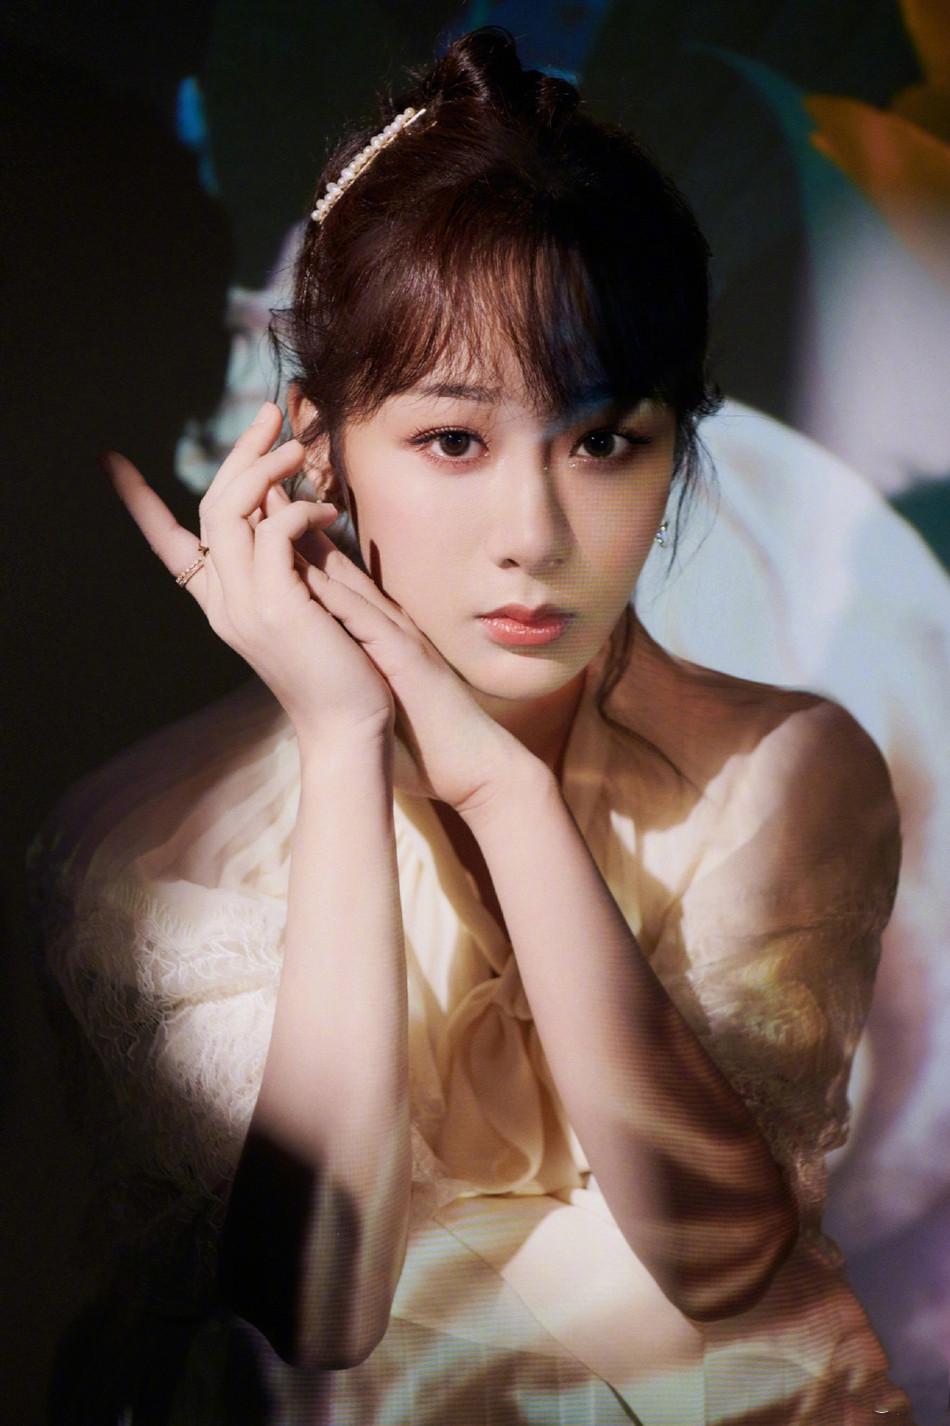 杨紫穿蕾丝白裙清新淡雅 戴珍珠发卡气质优雅